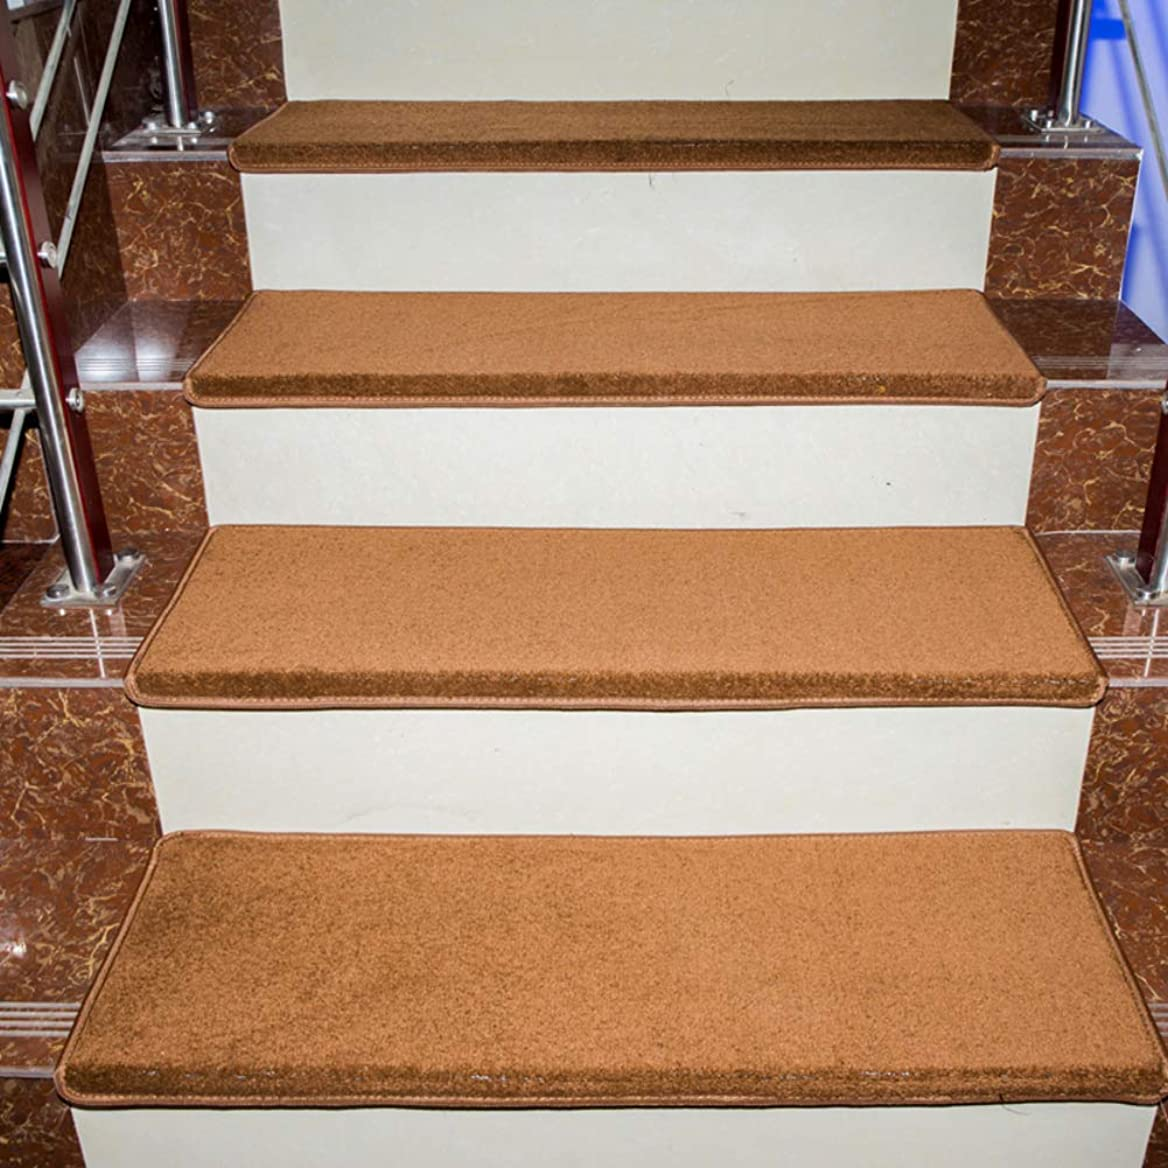 励起連続的襟階段の踏み板,ノンスリップ 自己-接着 防水 階段マット,屋内 屋外 持続可能です 盛大な歓迎 と 掃除が簡単,1 のセット-ブラウン 90x24cm(35x9inch)